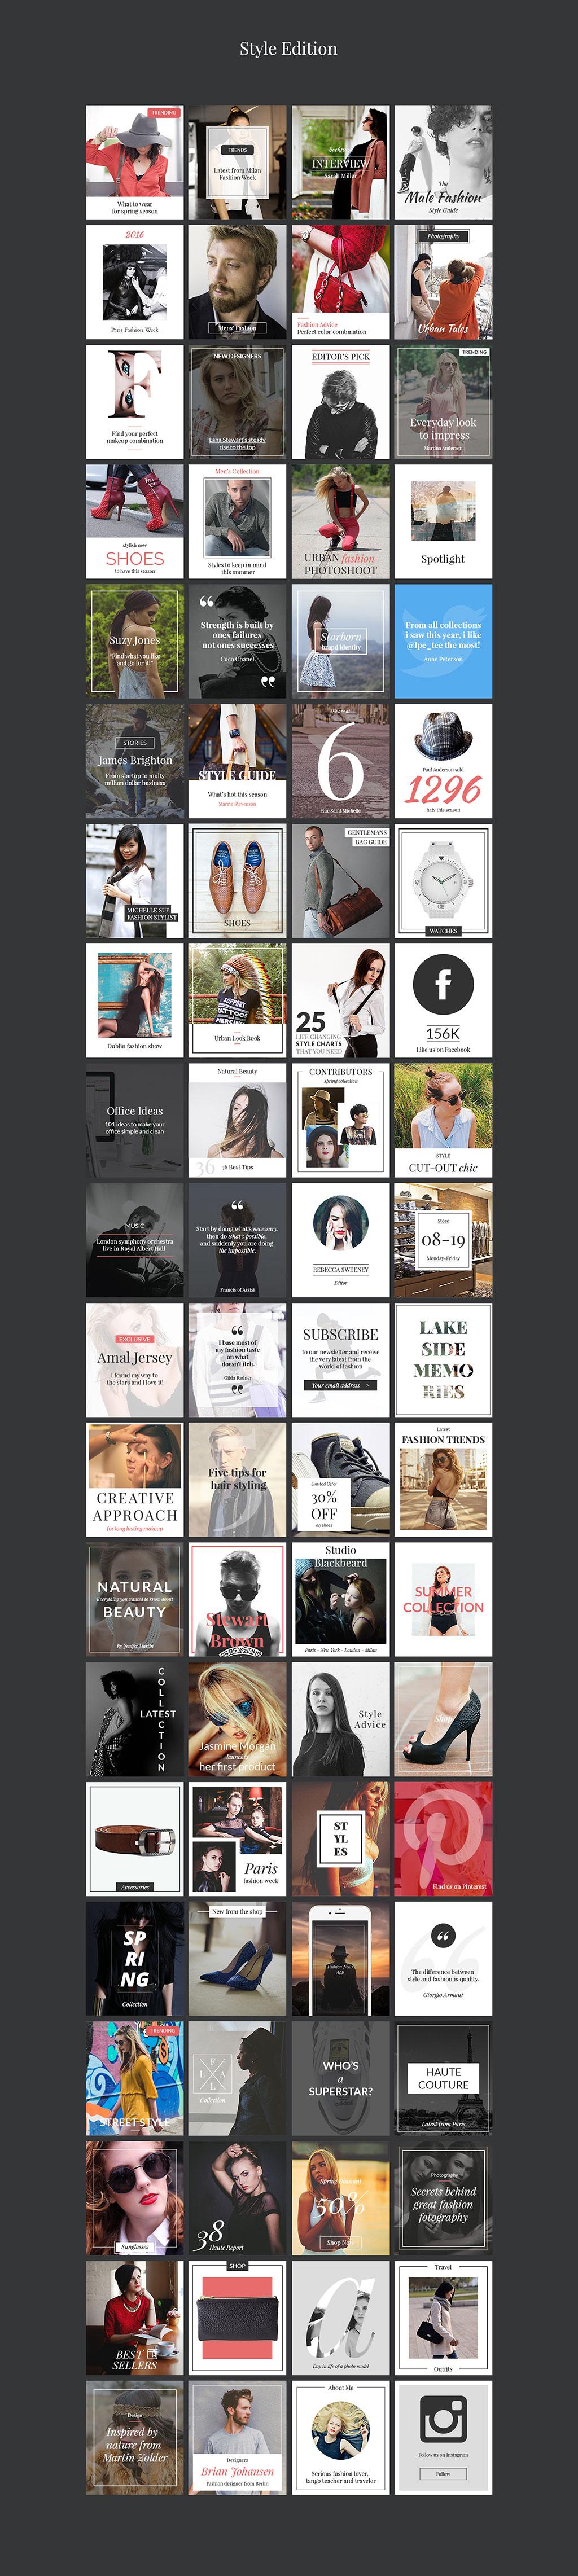 240个国际范的时尚banner广告图PSD模版打包下载